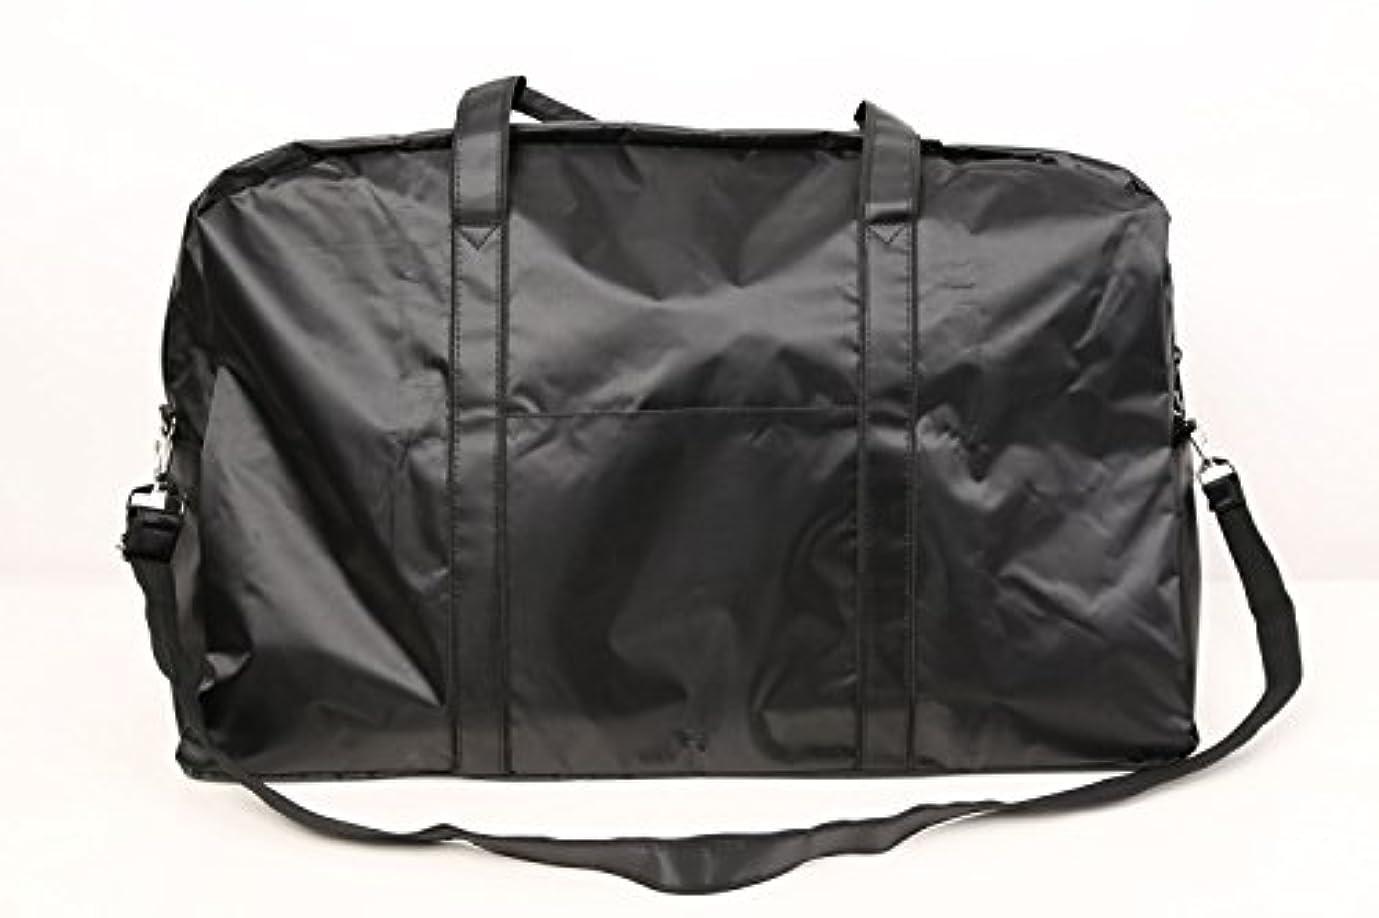 国民人形壊れたカットウィッグ用バッグ 大容量 軽量 ナイロンバッグ ブラック XRDB-1